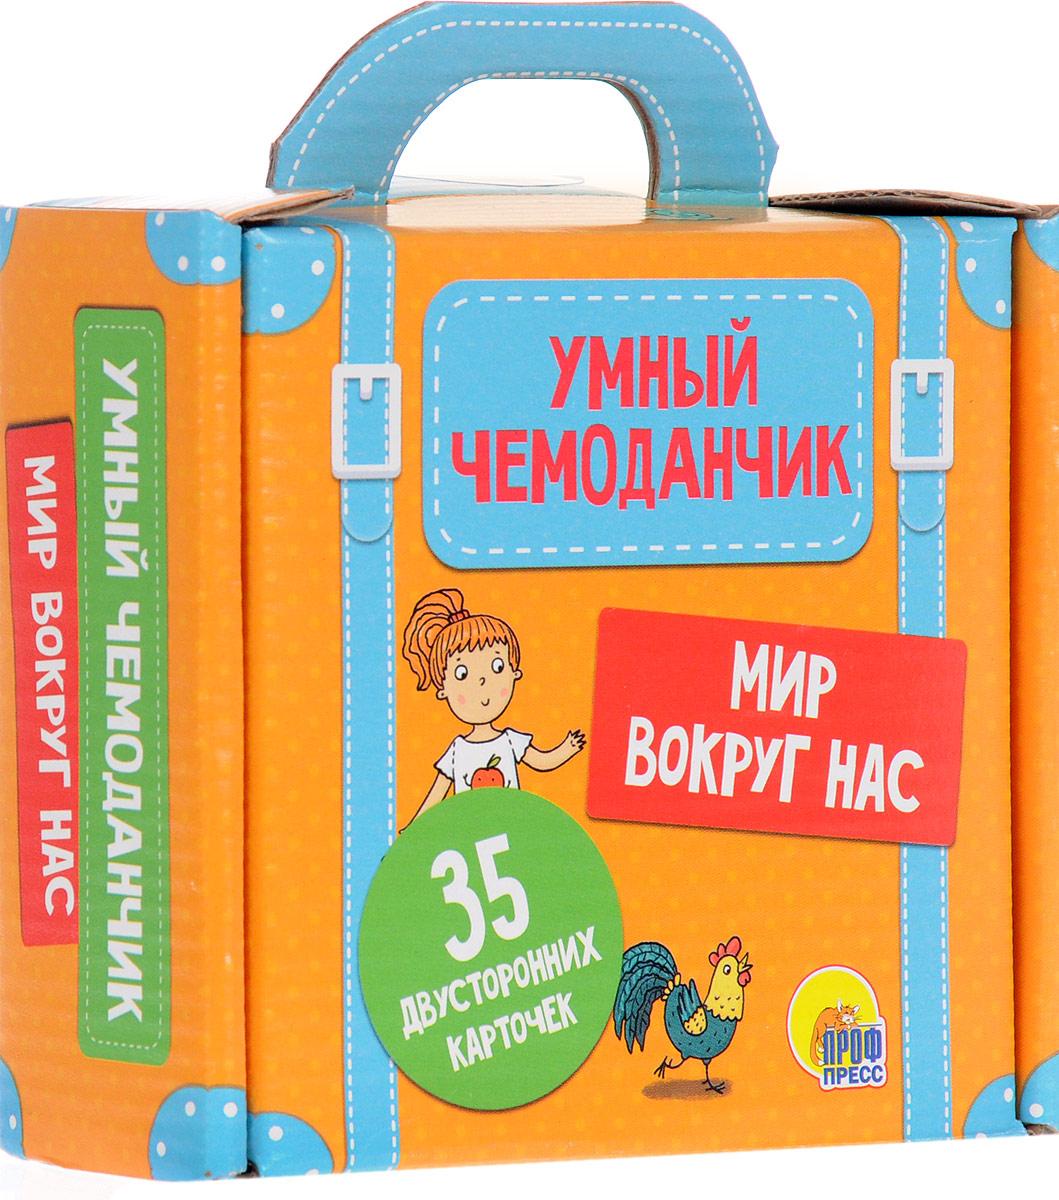 Фото - Проф-пресс Обучающие карточки Умный чемоданчик Мир вокруг нас айрис пресс набор карточек умный малыш транспорт